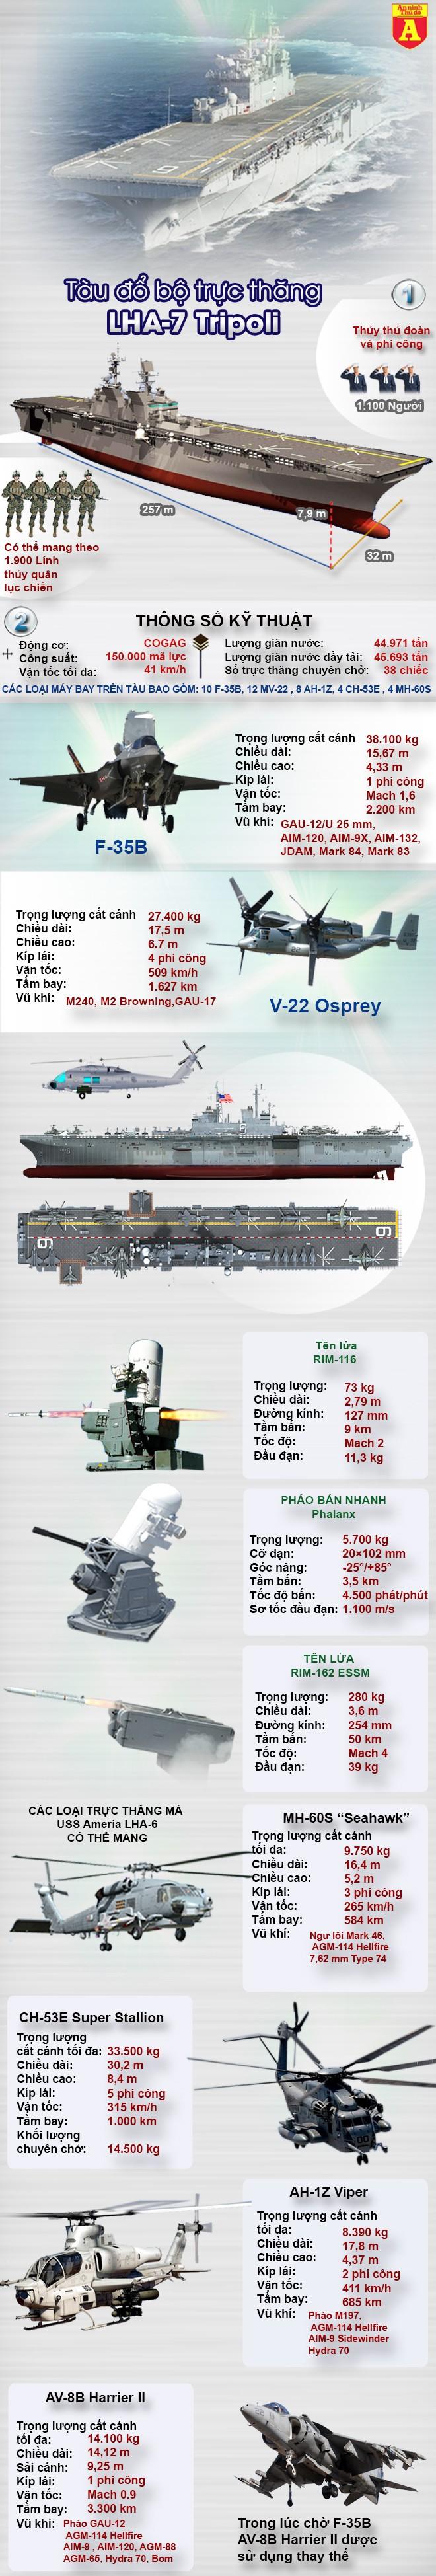 [Infographic] Siêu tàu đổ bộ vừa hạ thủy của Mỹ dư sức nhấn chìm tàu sân bay Trung Quốc? ảnh 2